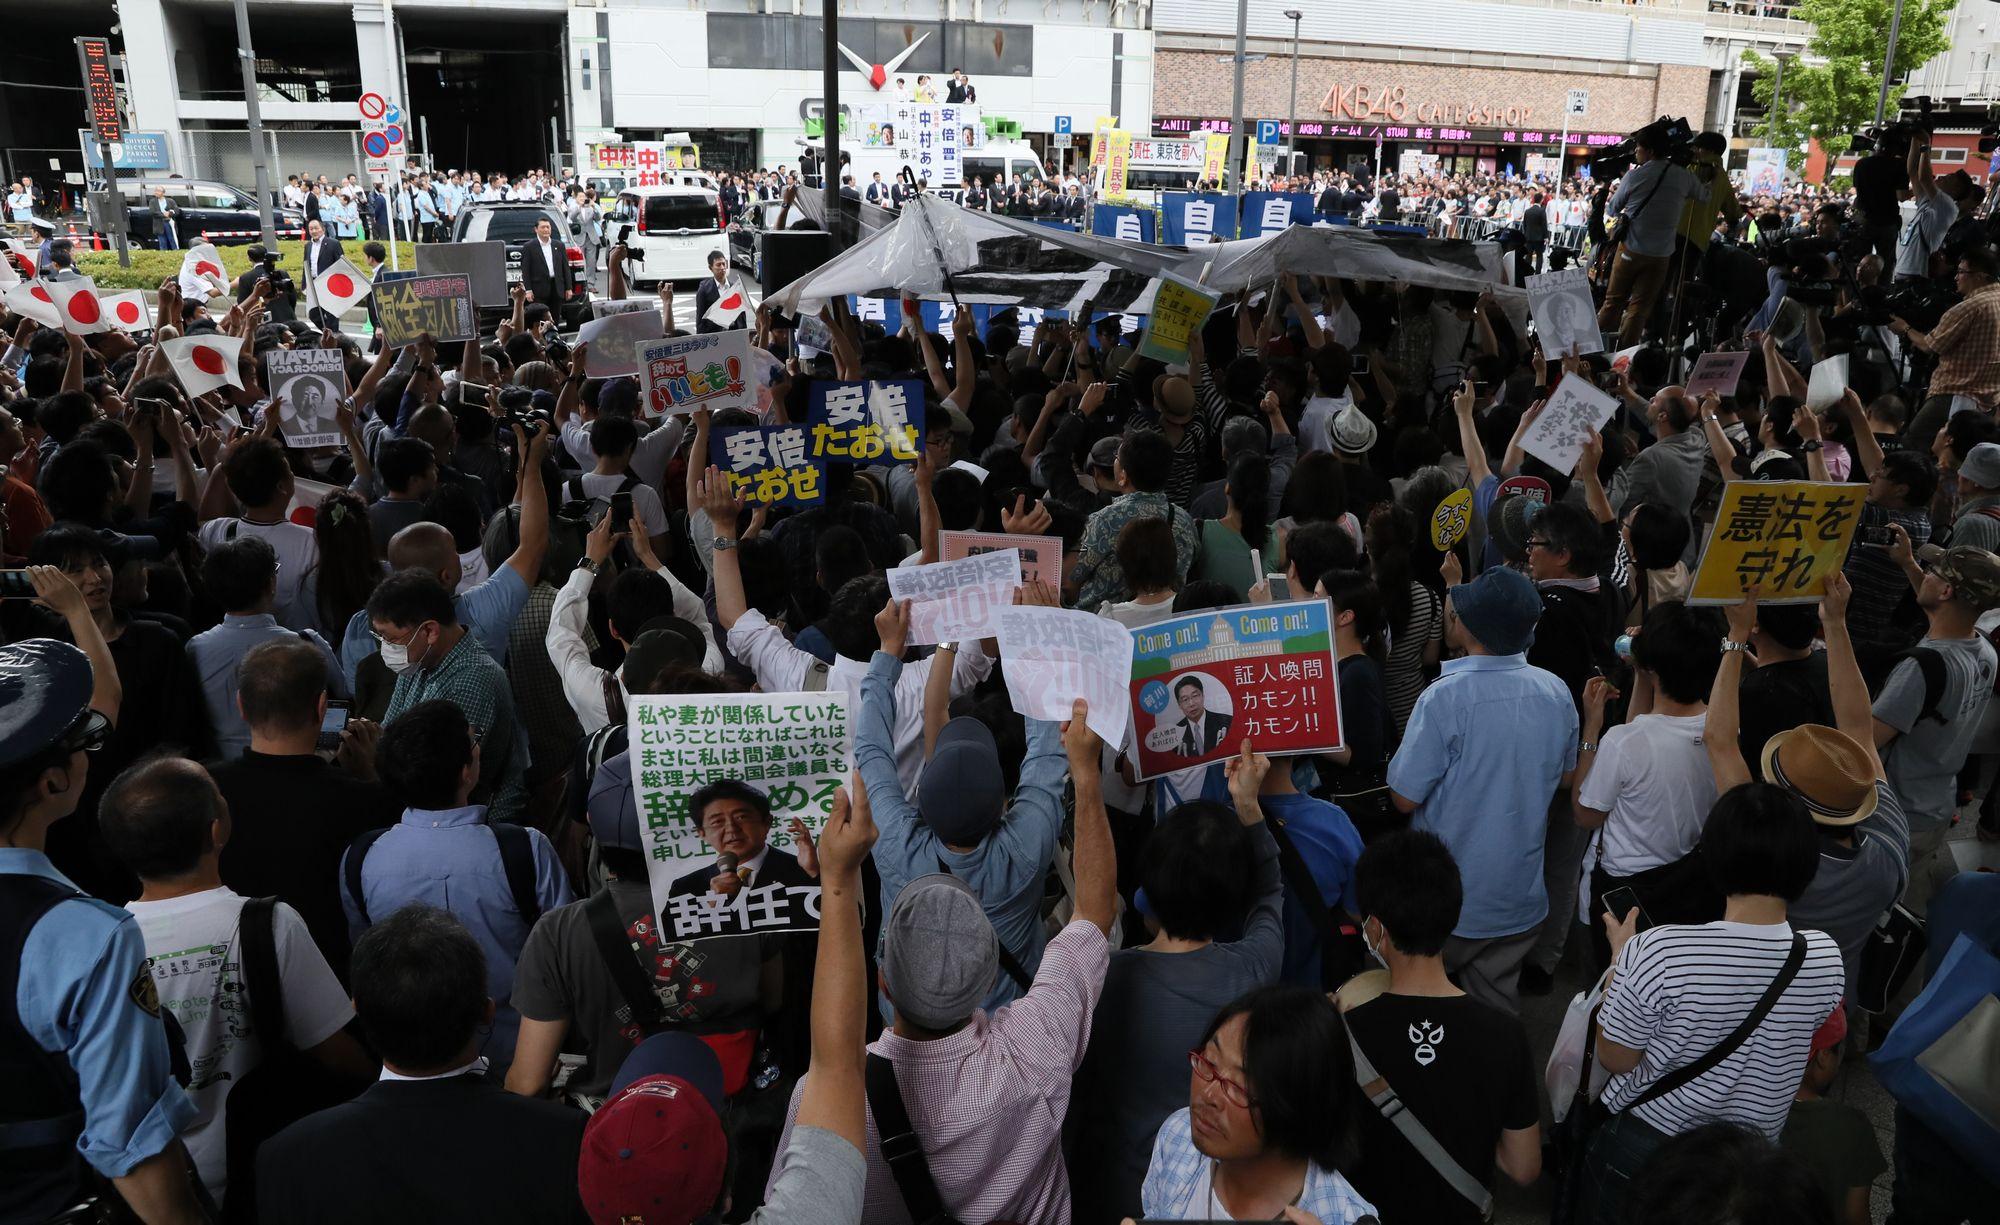 写真・図版 : 都議選での安倍晋三首相の街頭演説にプラカードを掲げて抗議する人たち=7月1日、東京都千代田区